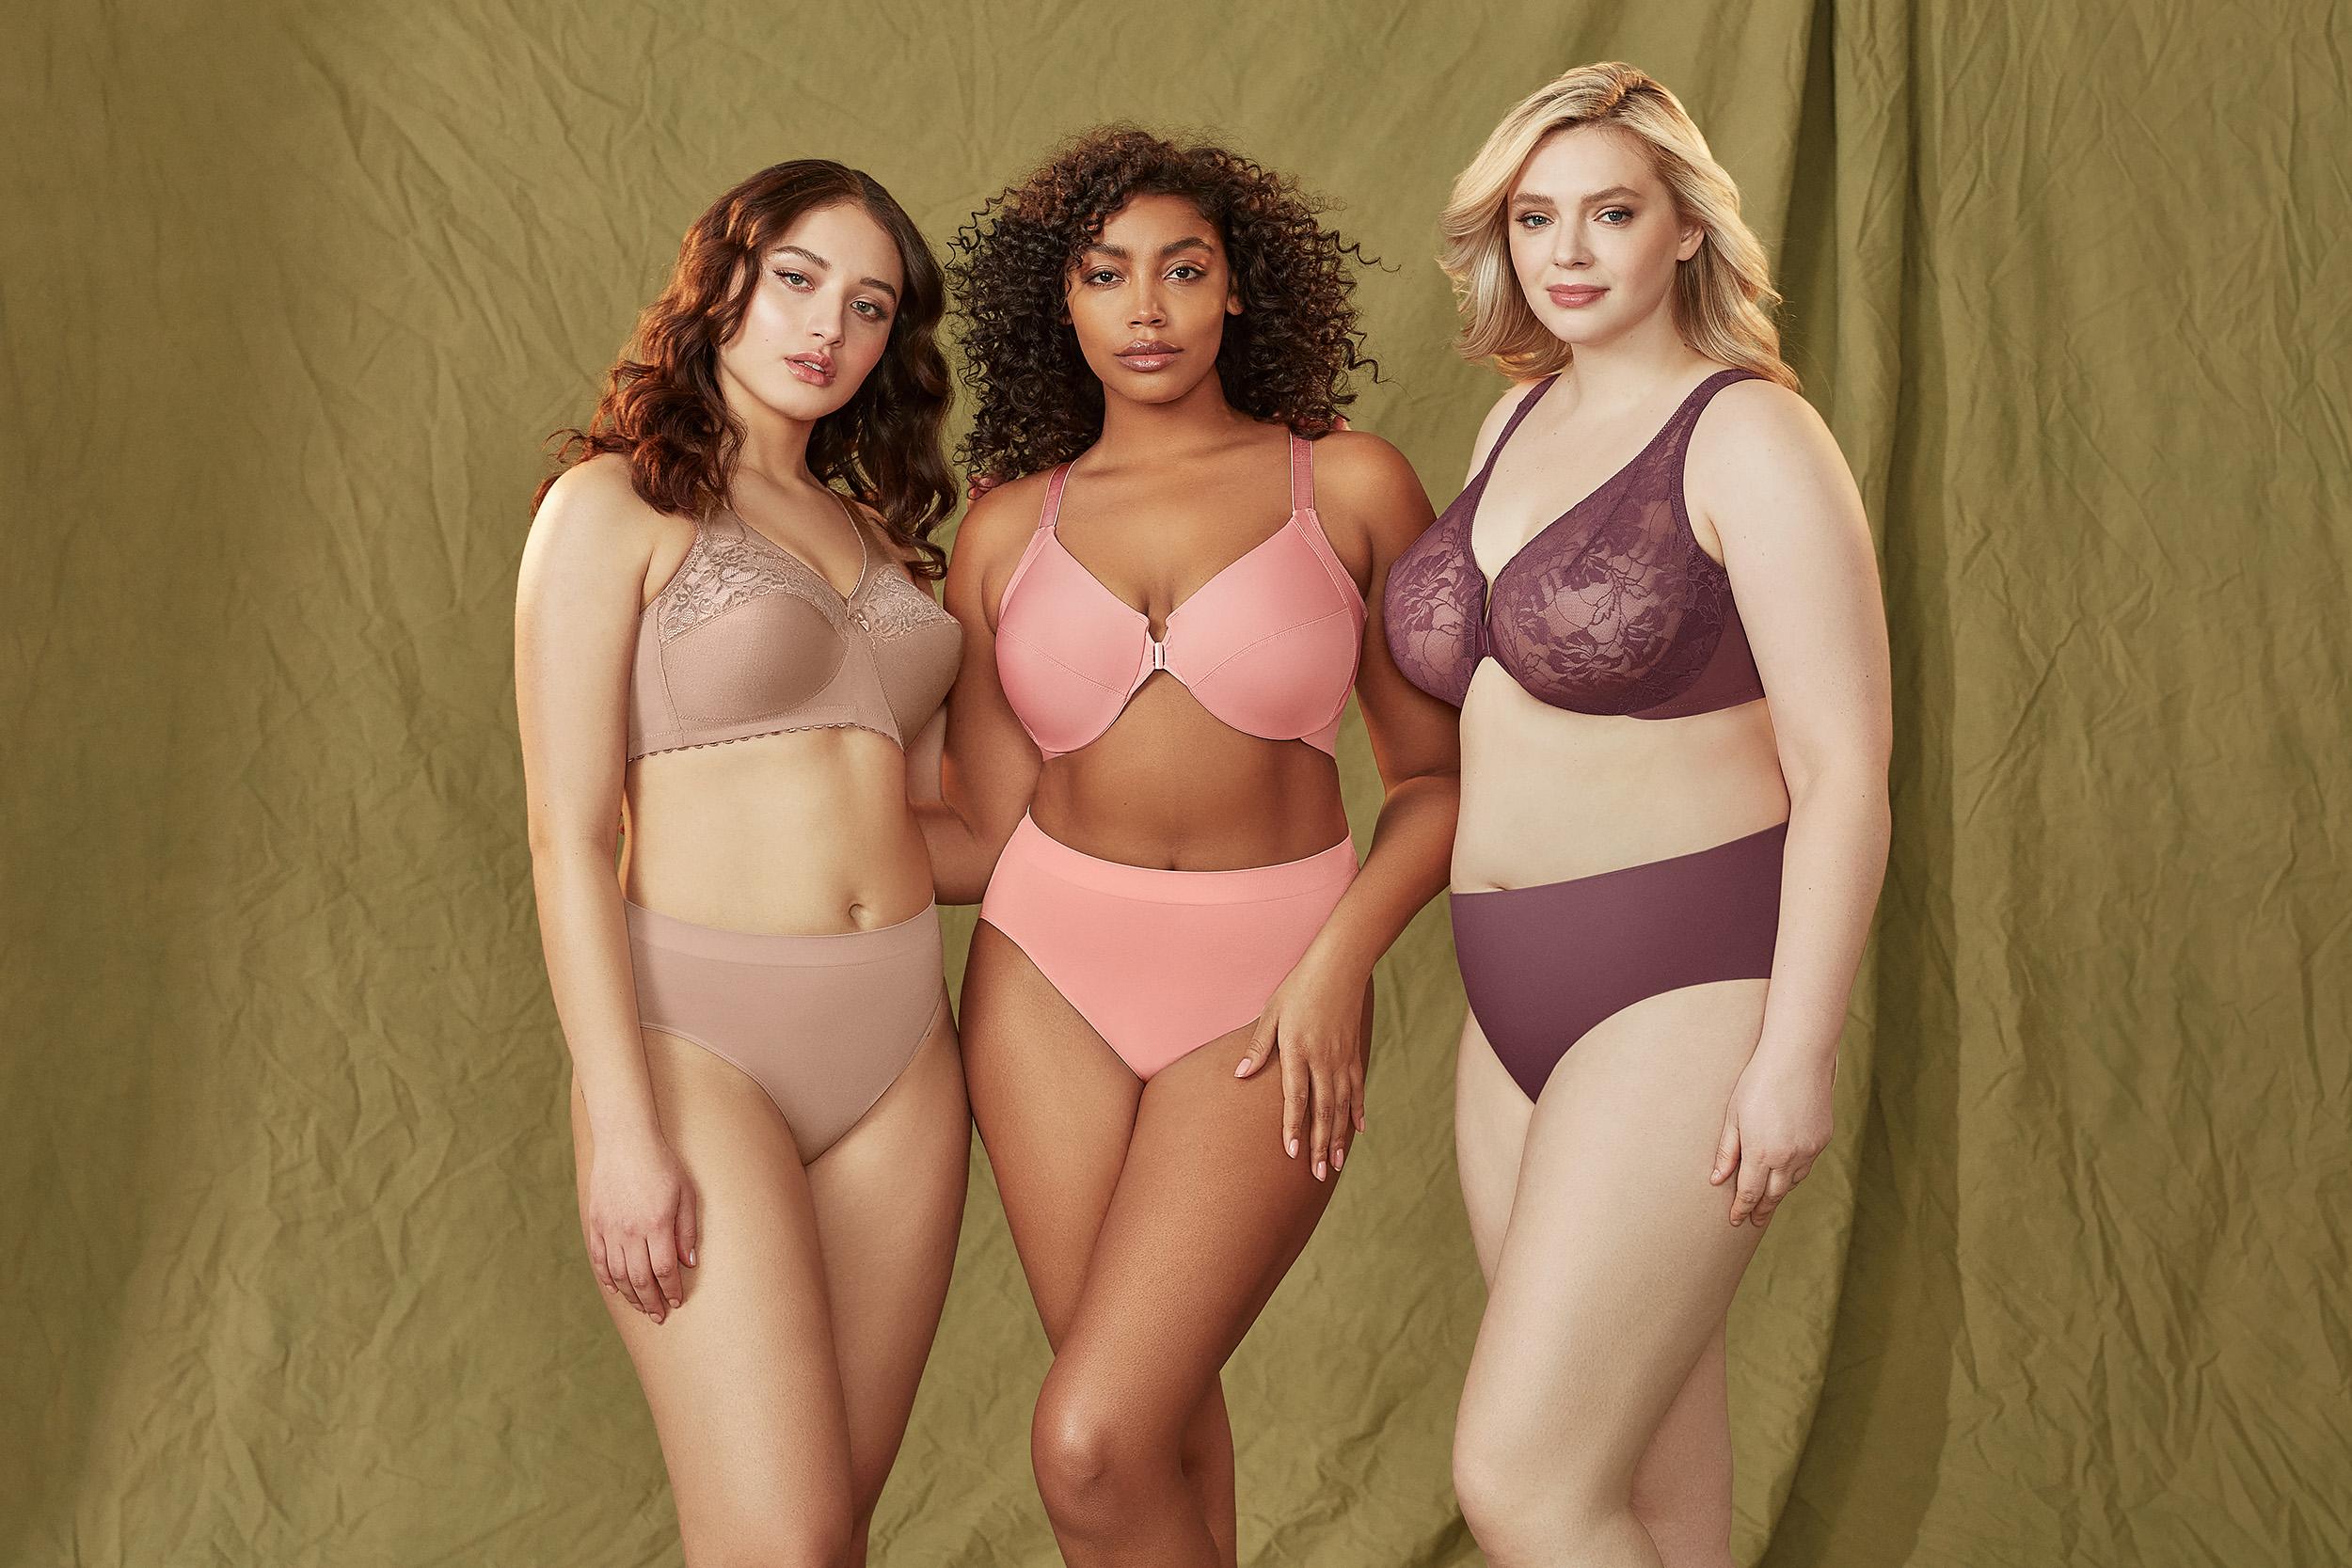 0a97c8913ff Glamorise Plus Size Bras & Lingerie for Full-Figured Women